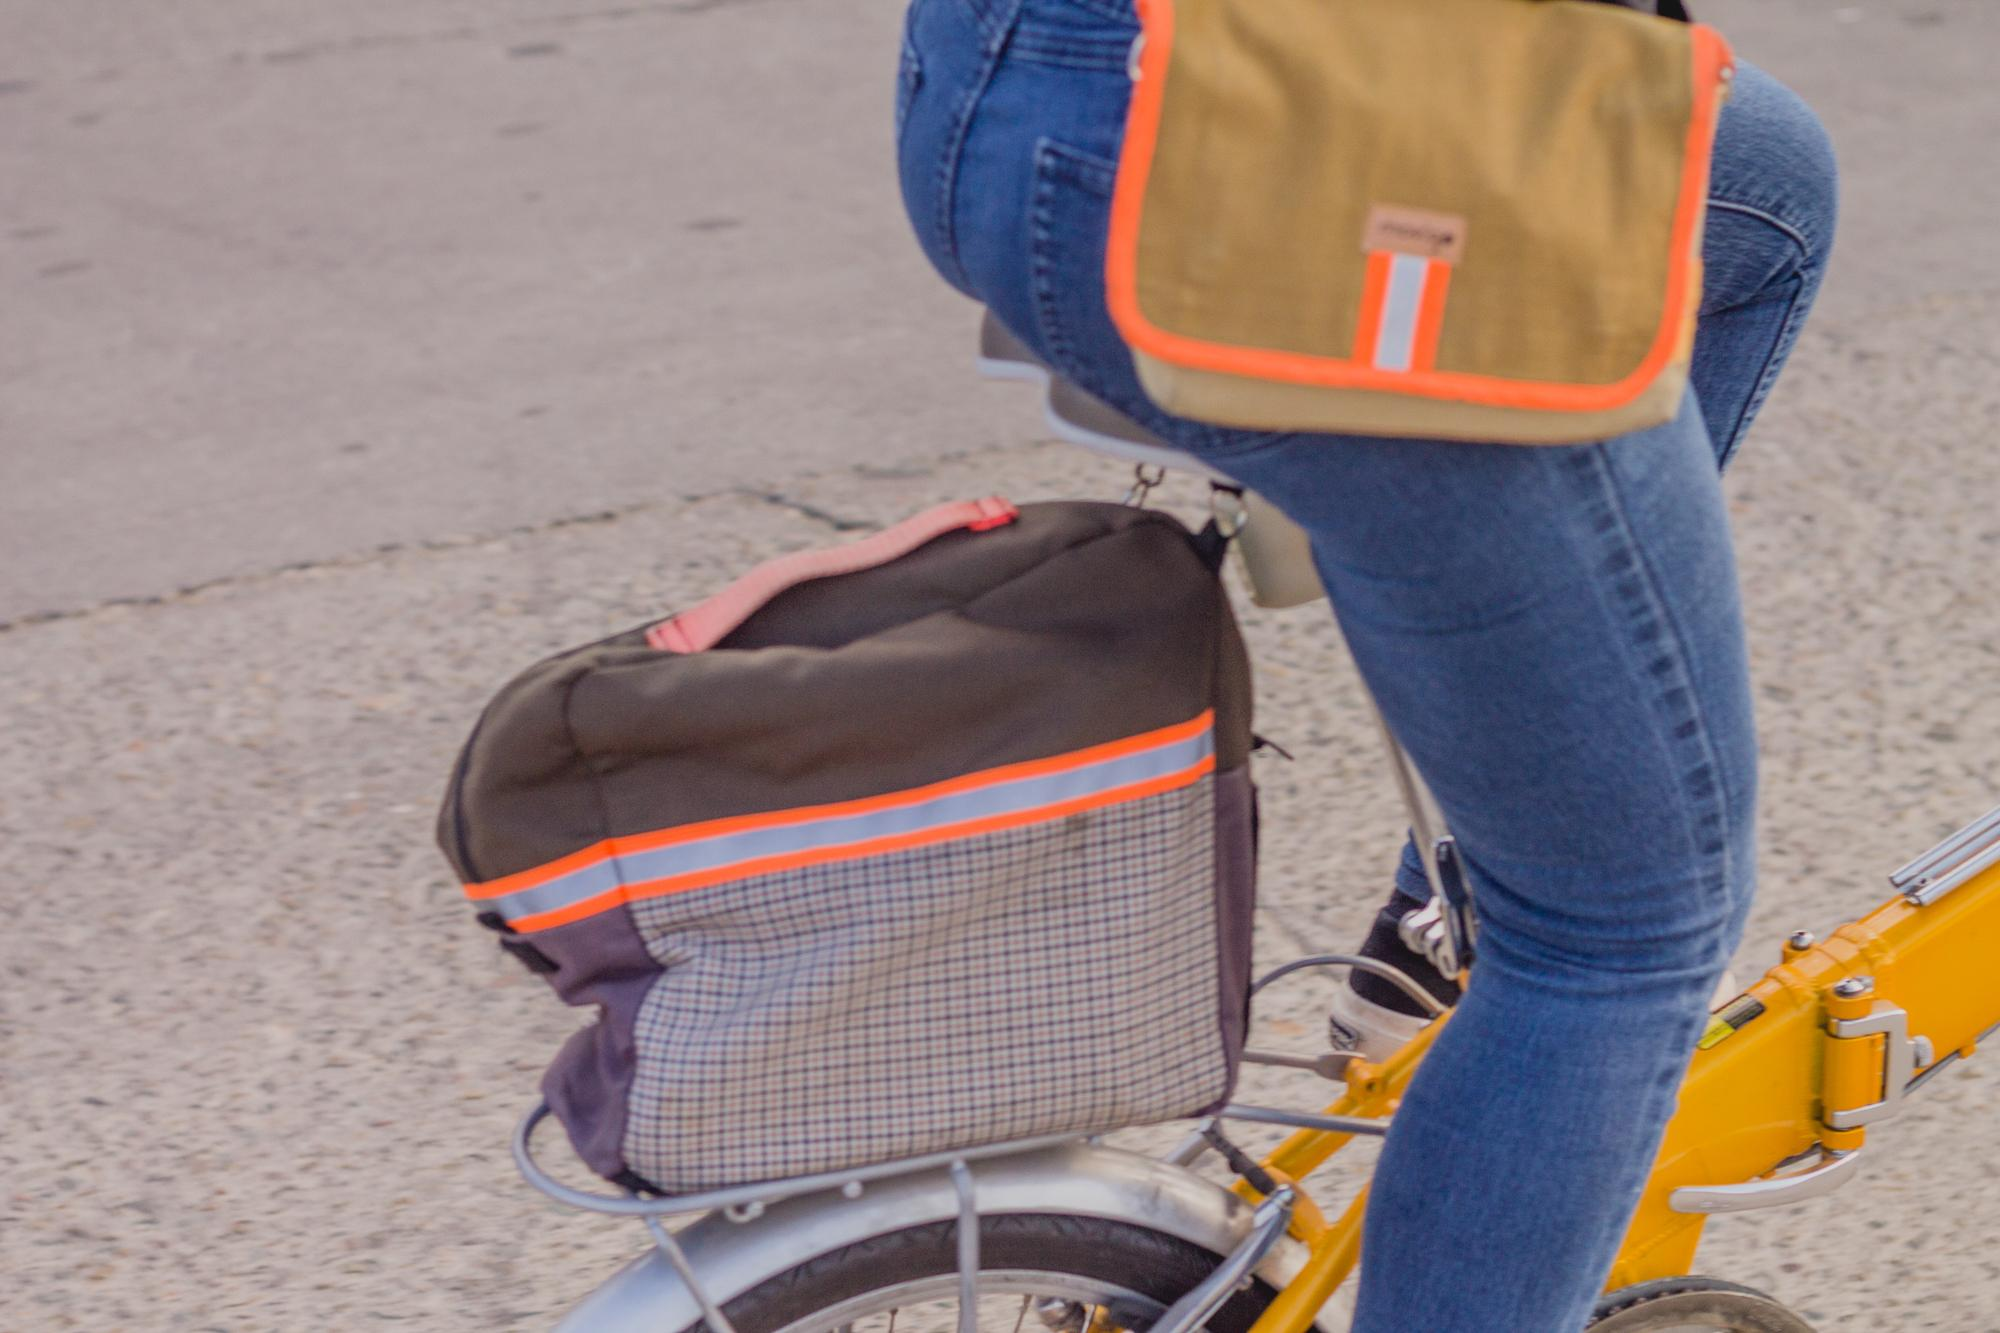 12. Movigo_s own design of a rear rack bag for a folding bike_